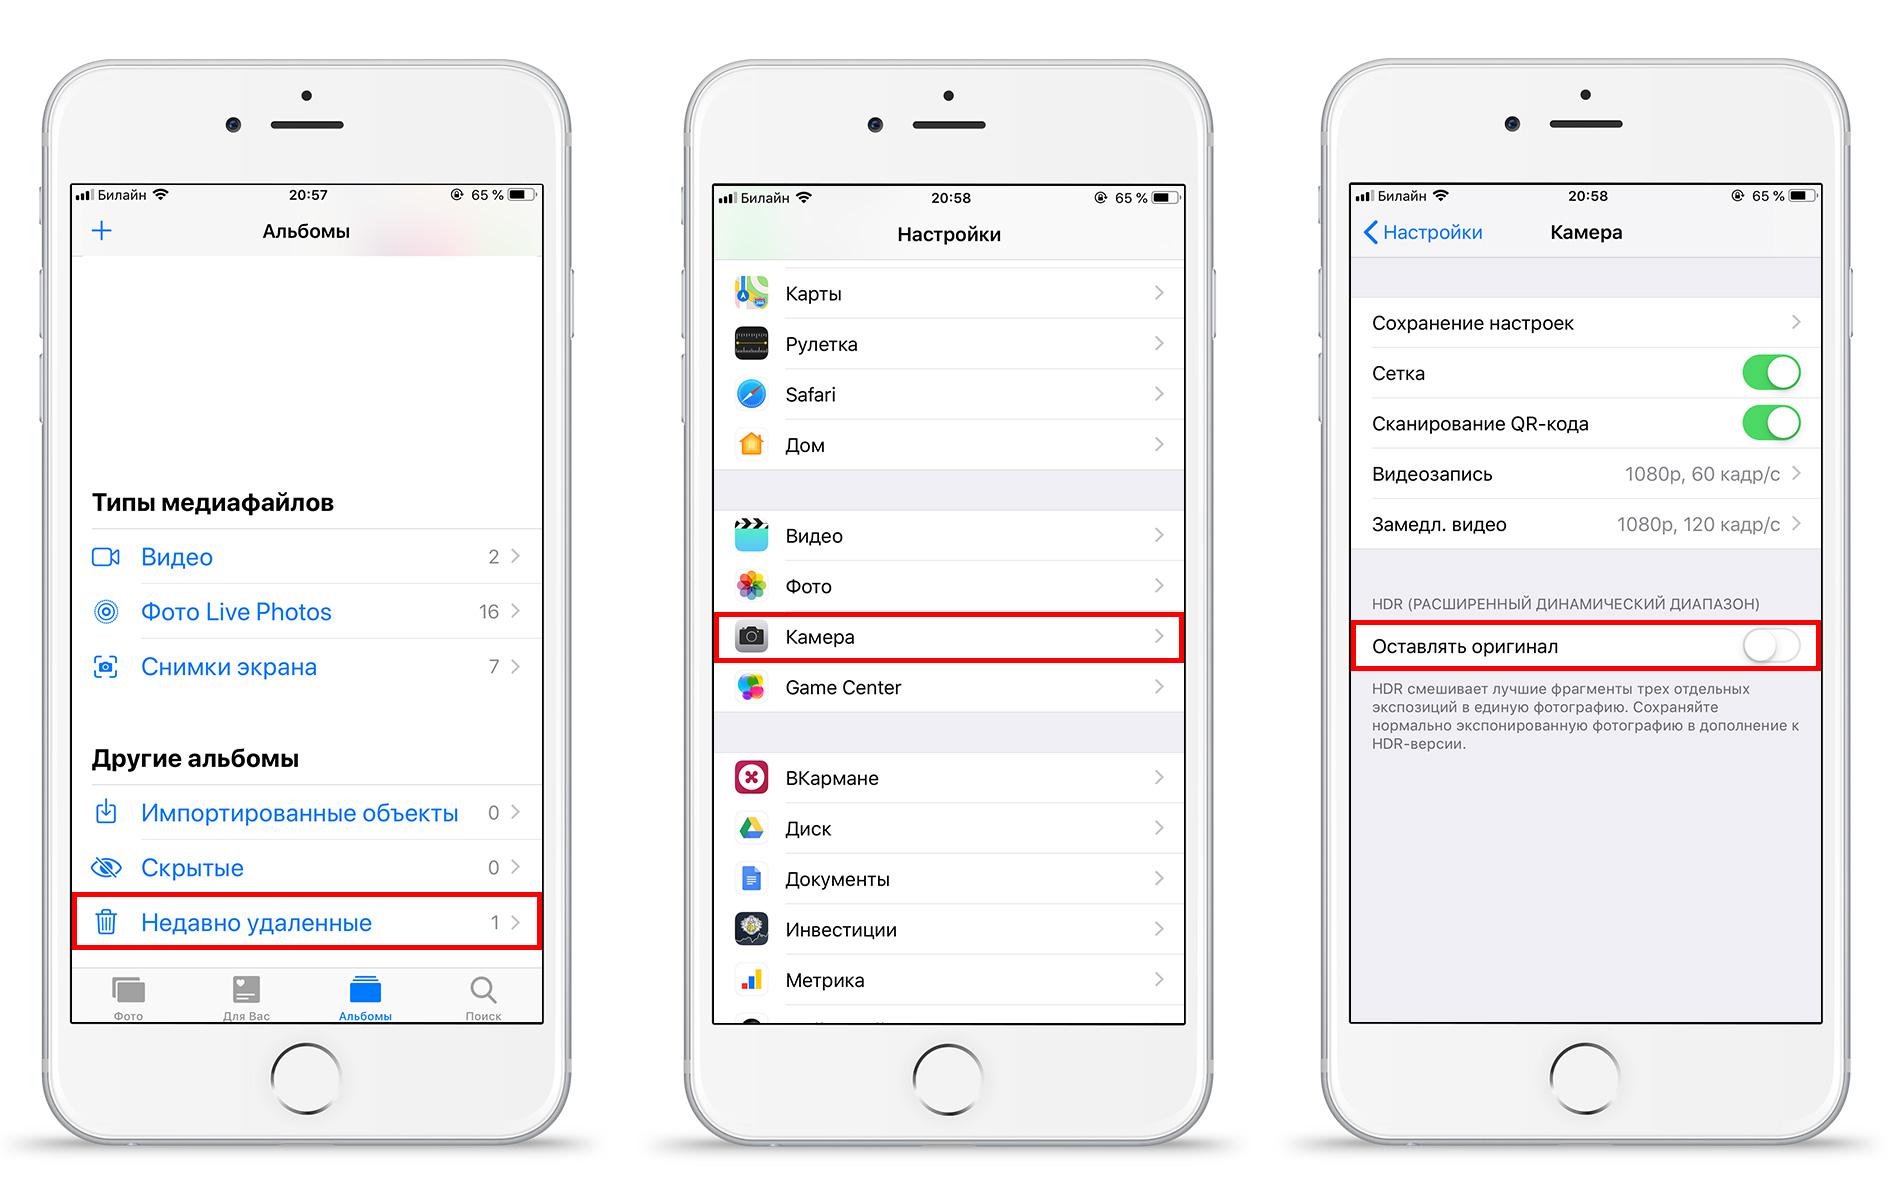 Оптимизируем медиатеку на iPhone